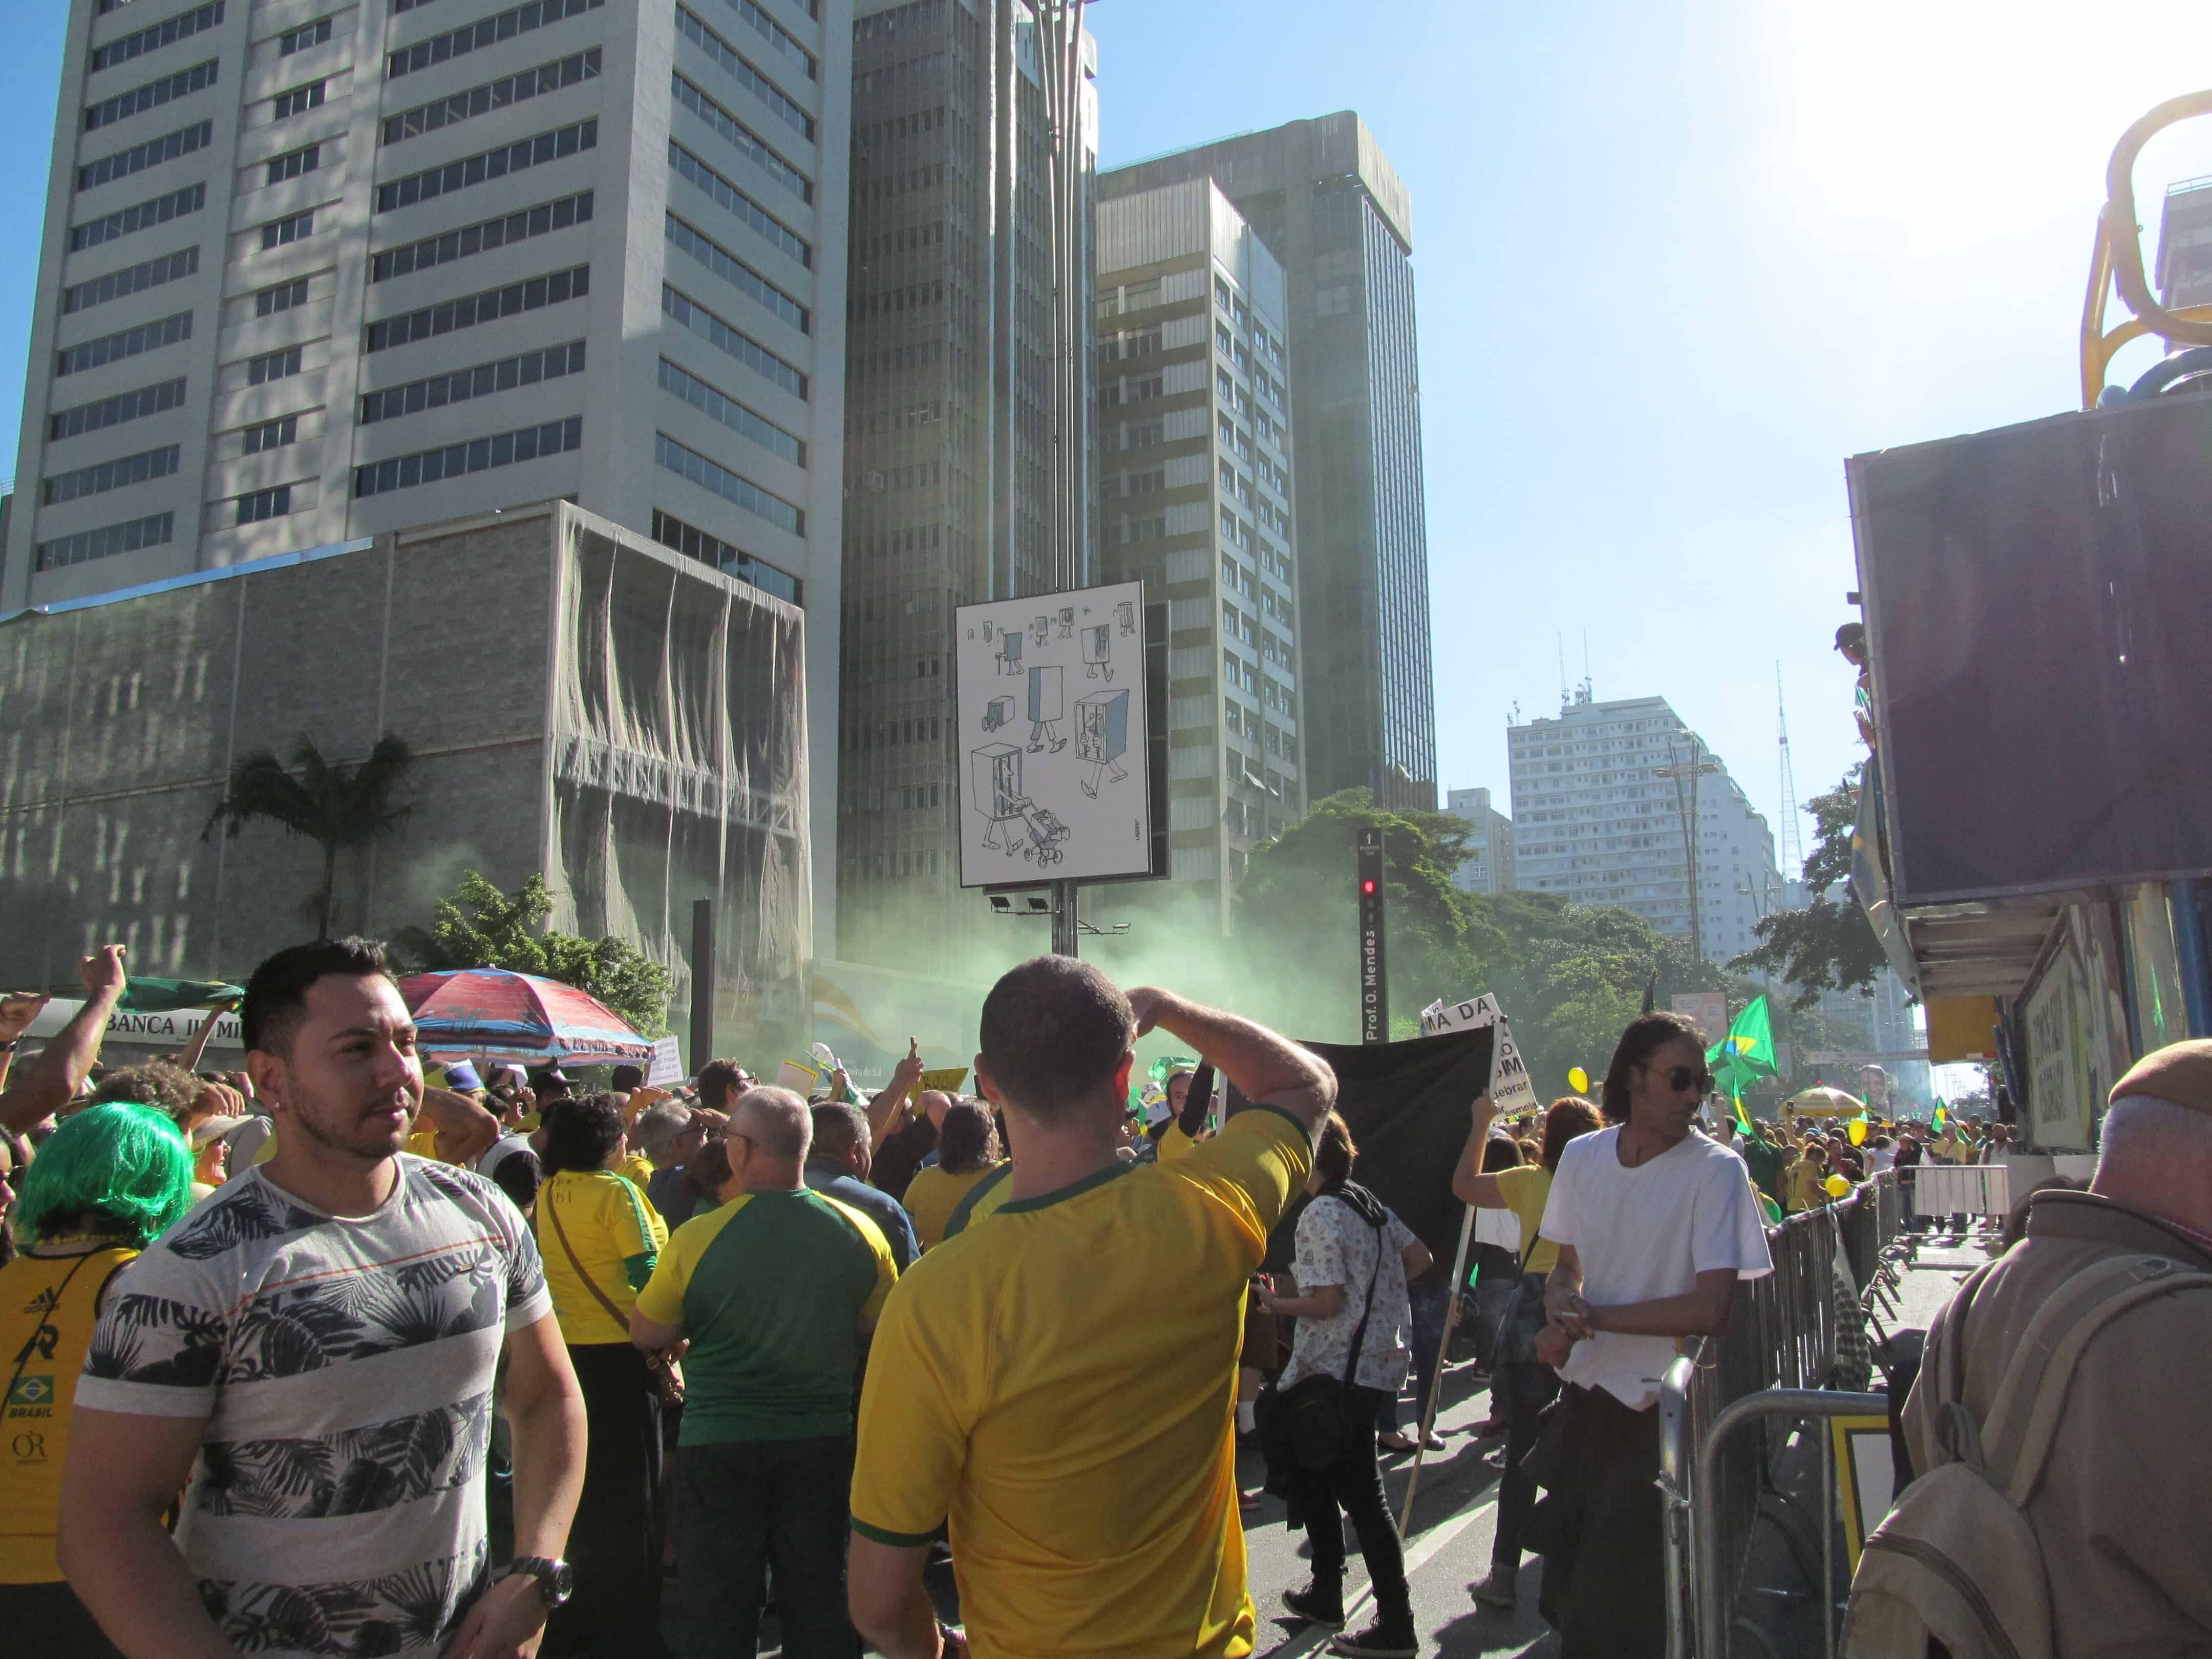 Sinalizadores verde e amarelos coloriam a manifestação na avenida Paulista. Foto: João Cesar Diaz